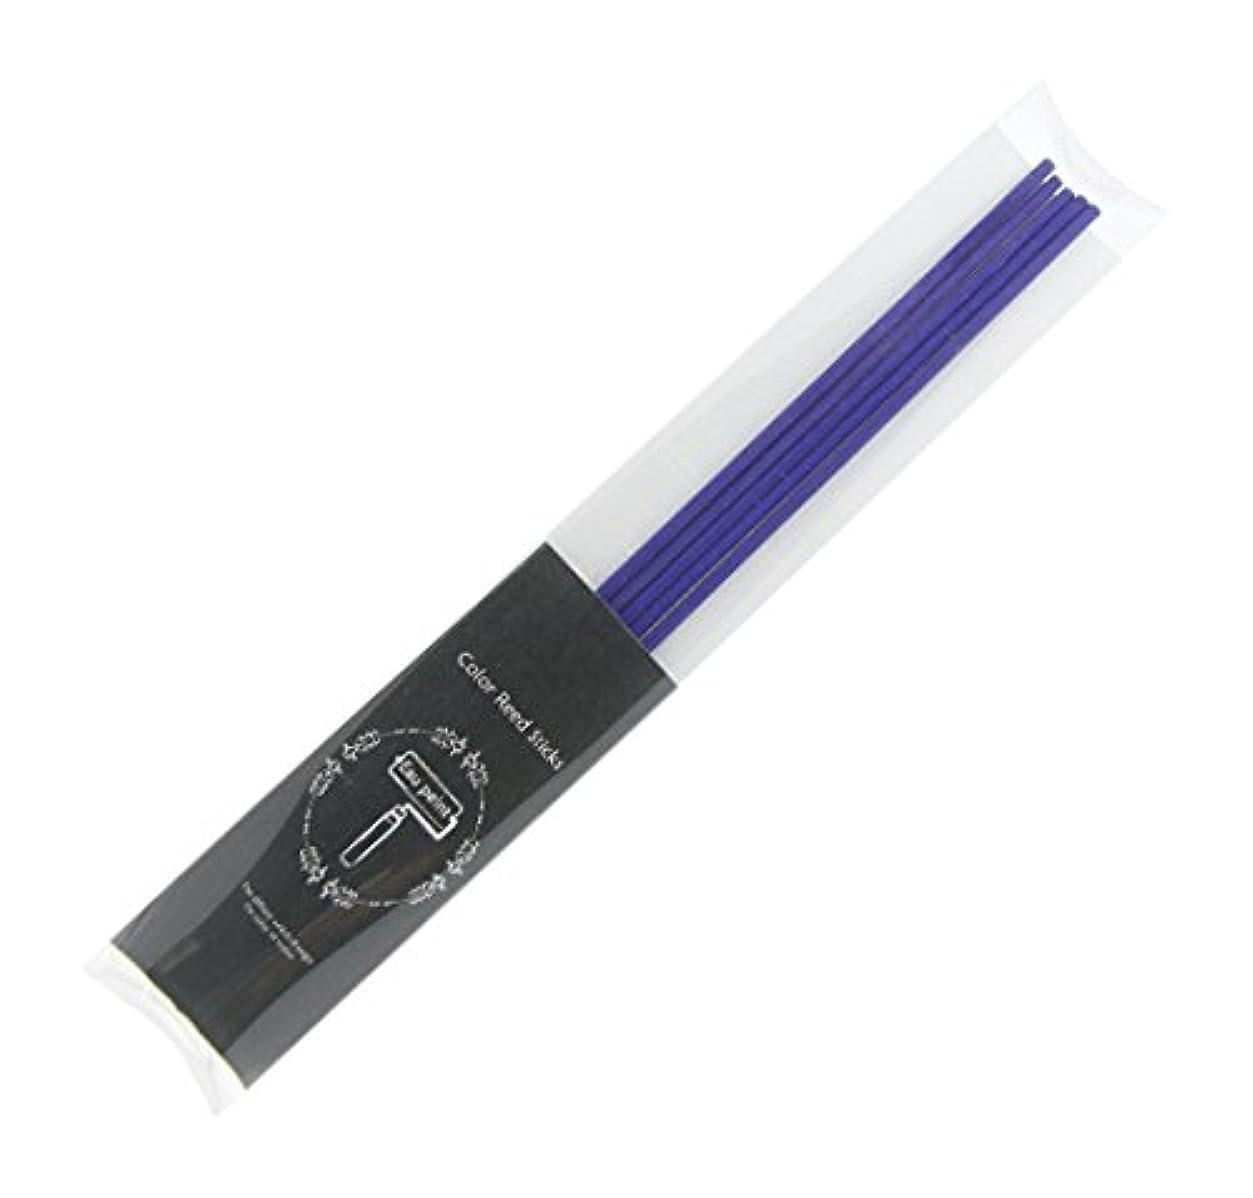 聞く無関心脅かすEau peint mais+ カラースティック リードディフューザー用スティック 5本入 パープル Purple オーペイント マイス